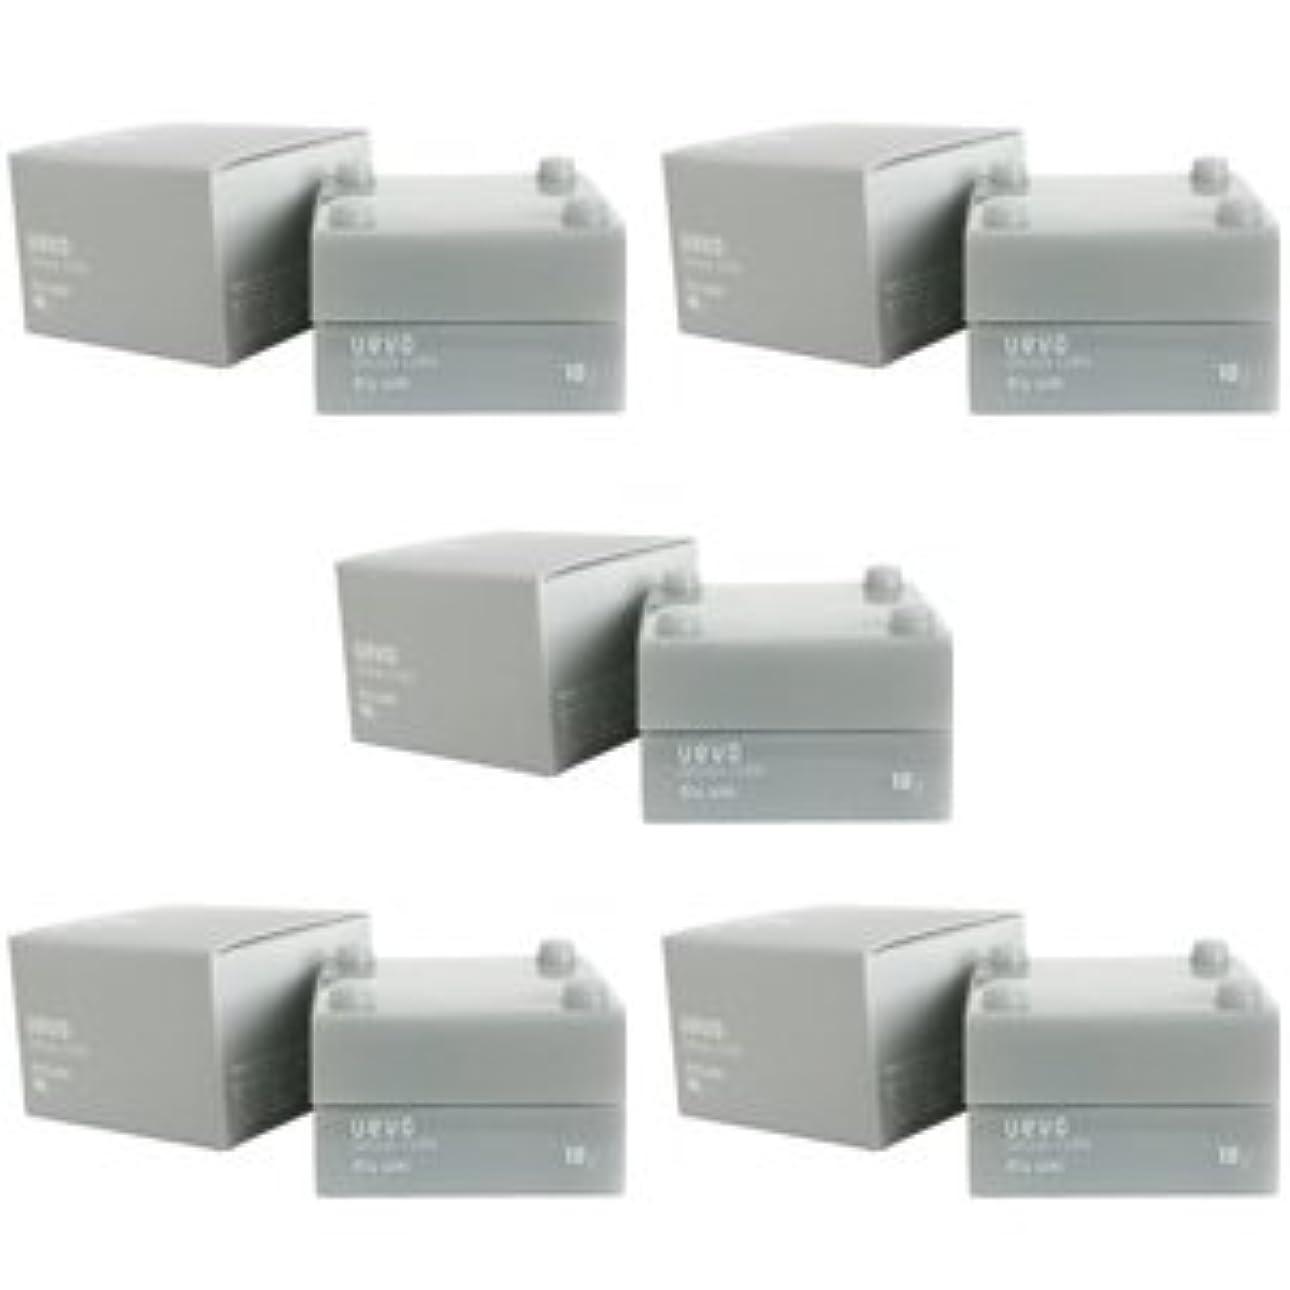 ビリー政権おめでとう【X5個セット】 デミ ウェーボ デザインキューブ ドライワックス 30g dry wax DEMI uevo design cube